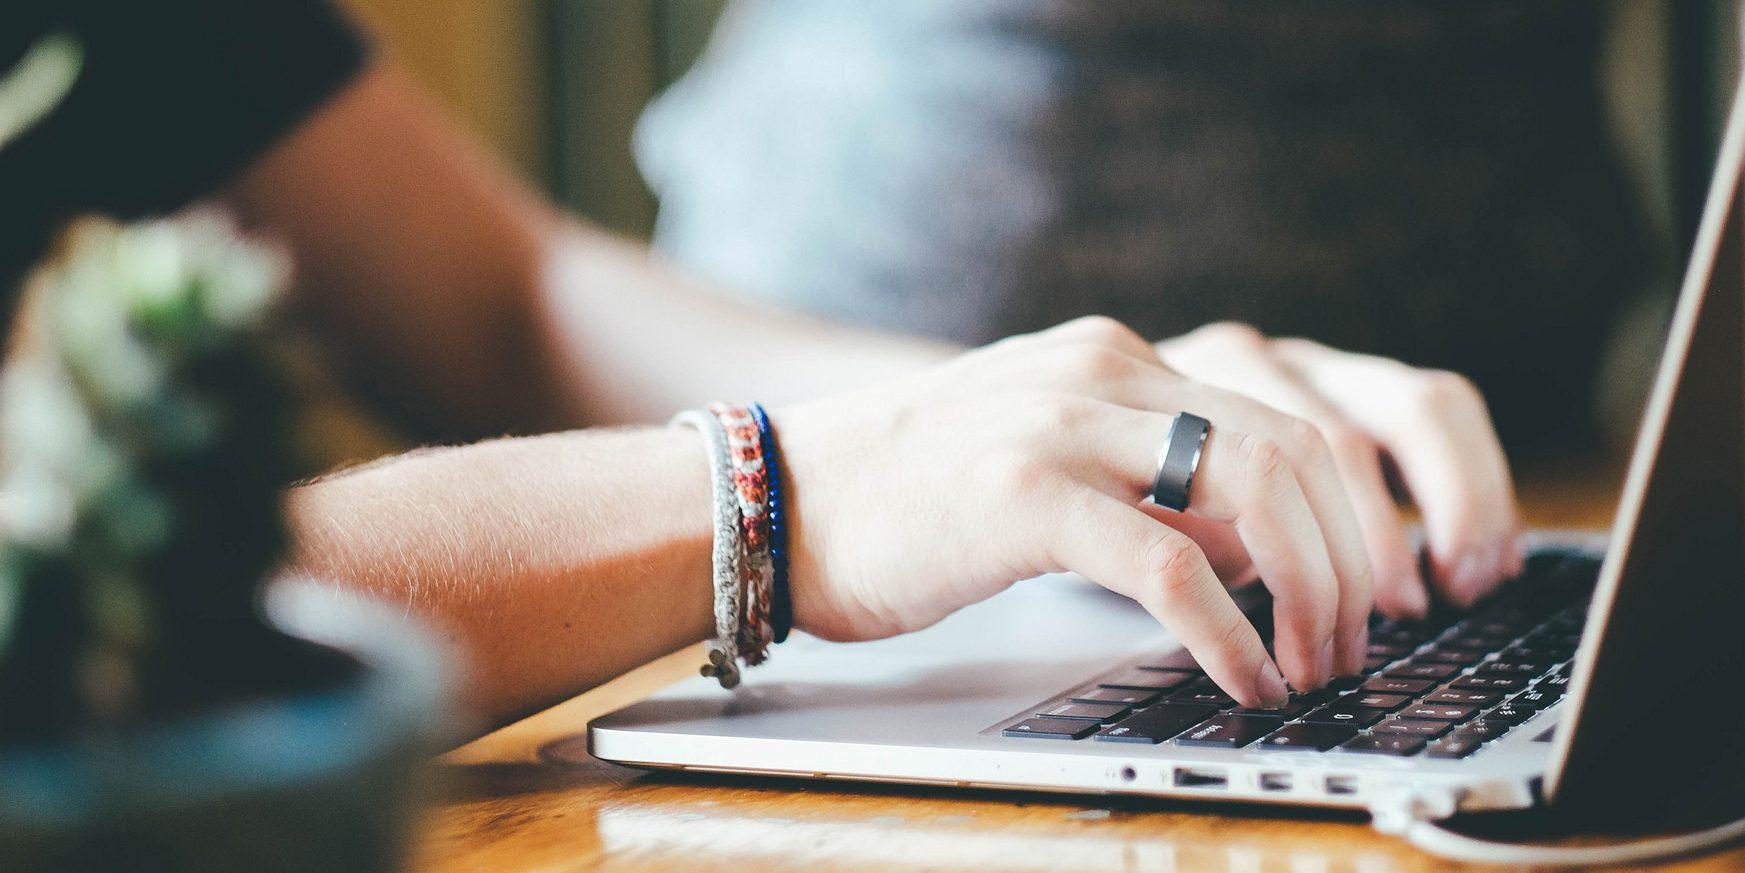 Hands On: Social Media Werkstatt